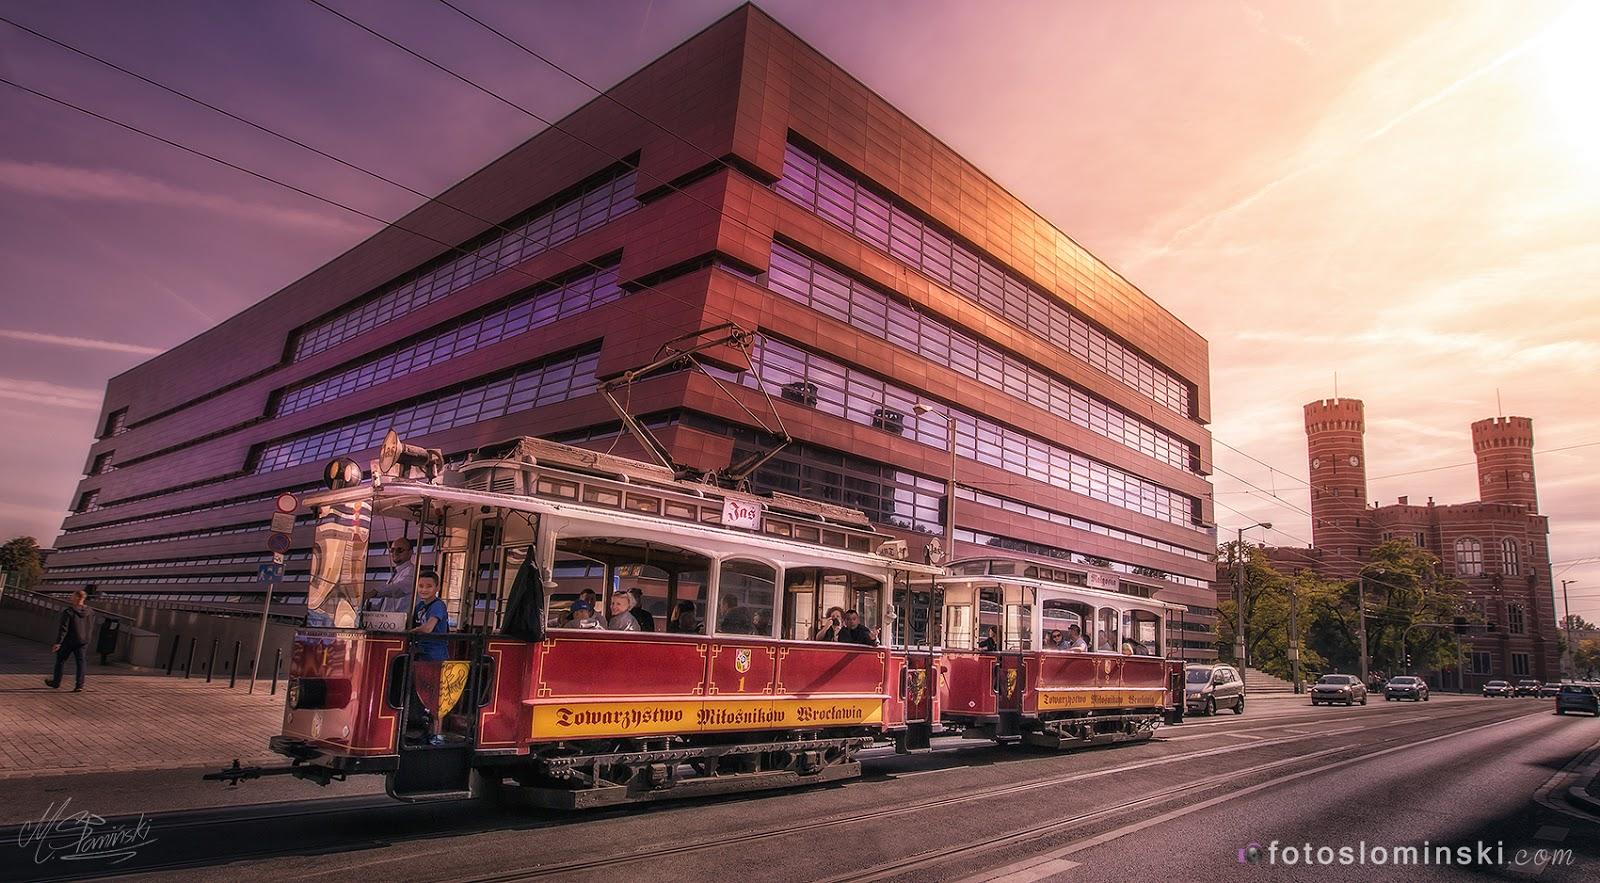 Miasto Wrocław - Zdjęcia - NFM - Tramwaj Jaś i Małgosia z Wrocławia #ZdjęciaSłomińskiego.